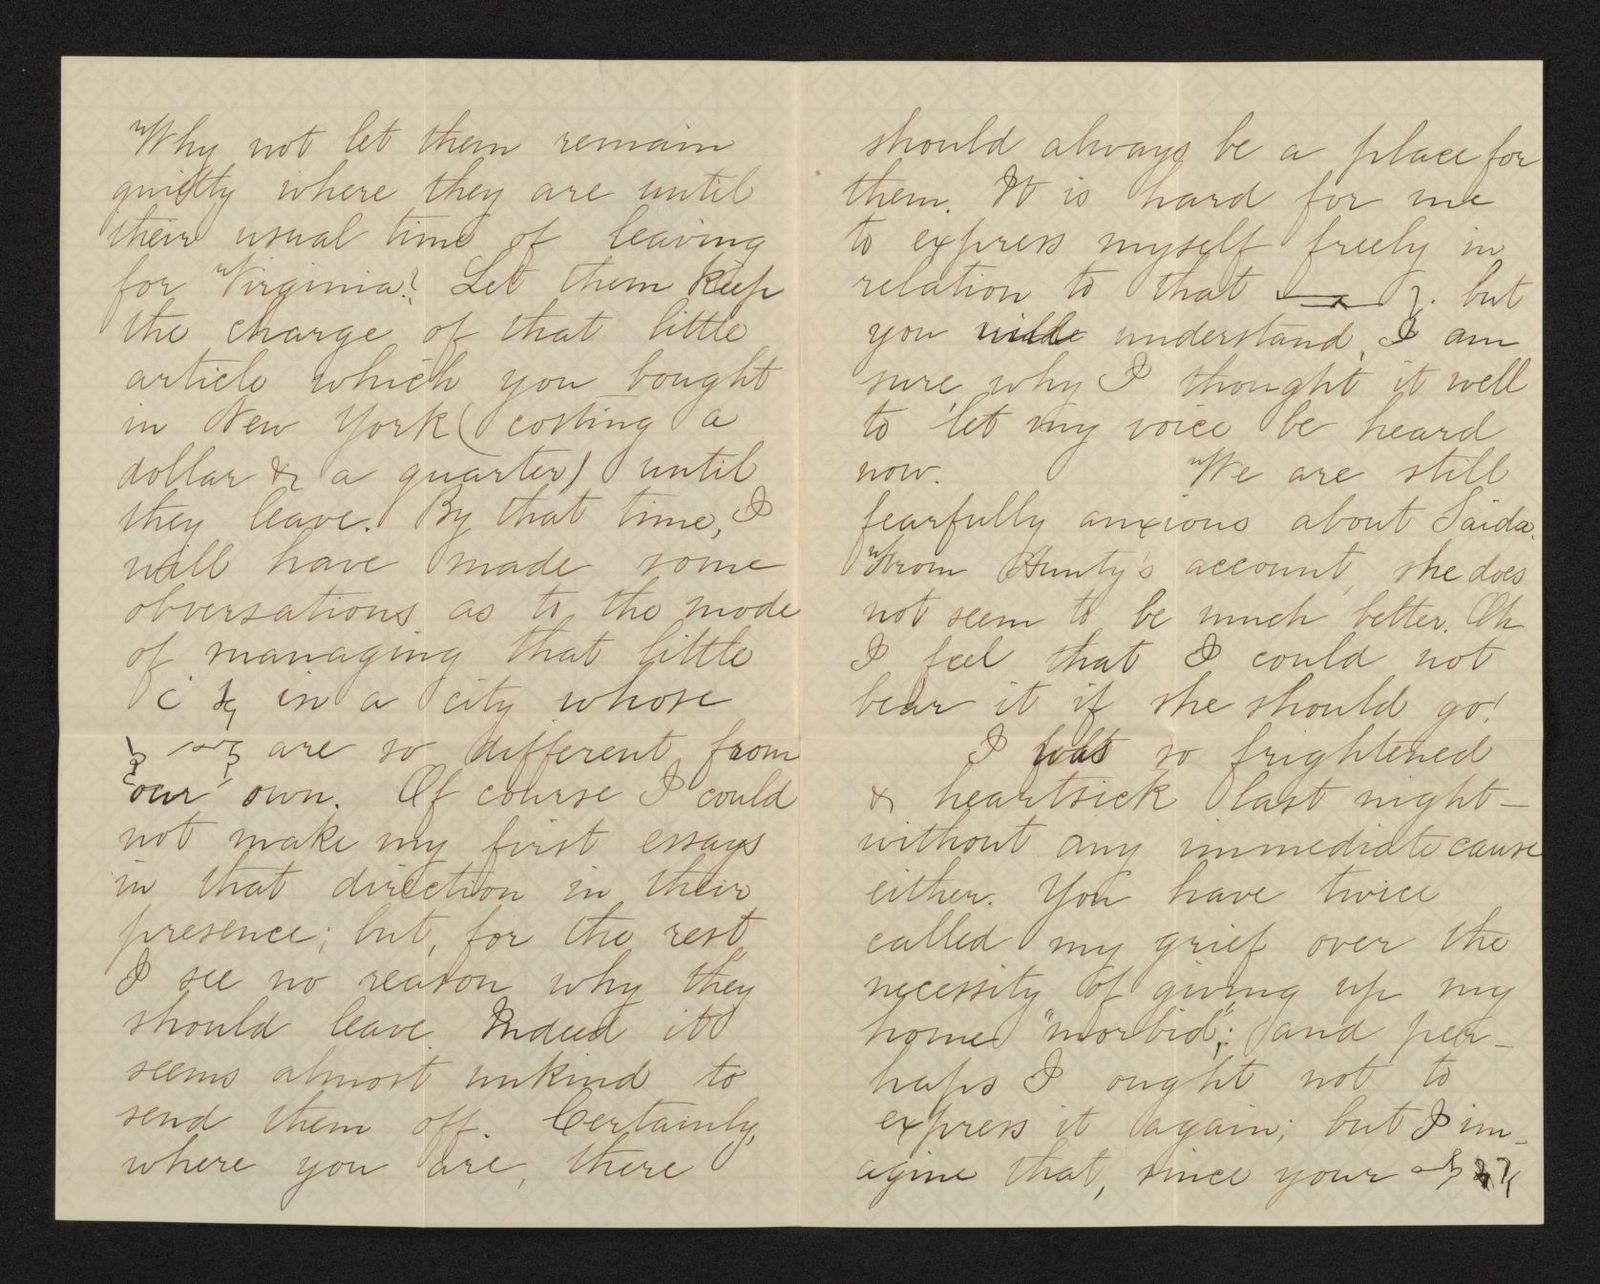 Lewis H. Machen Family Papers: Machen-Gresham Correspondence, 1871-1889; Gresham, Minnie, to Machen, Arthur W.; 1872